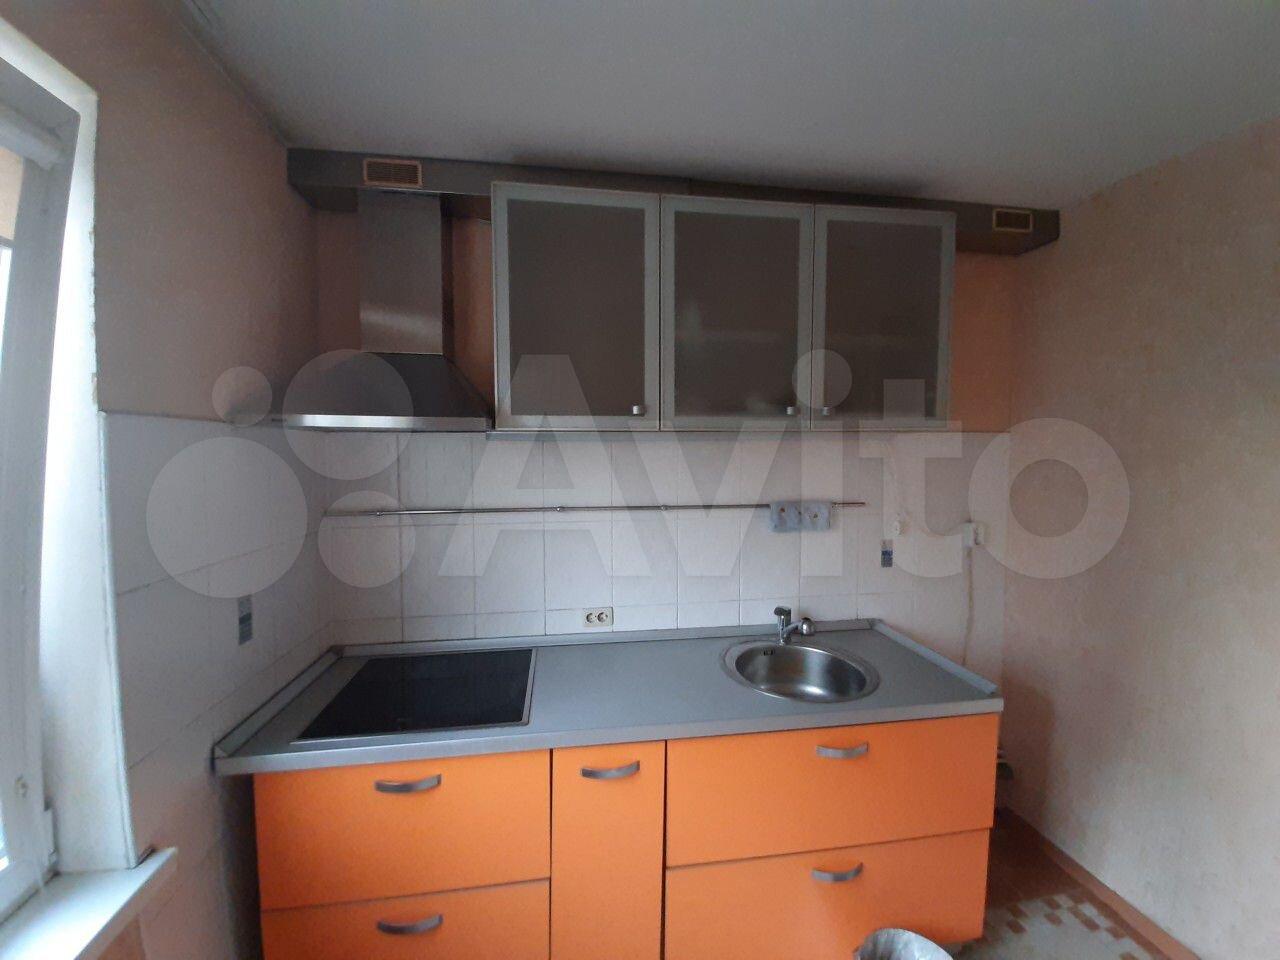 1-к квартира, 32 м², 9/9 эт.  89587543926 купить 2